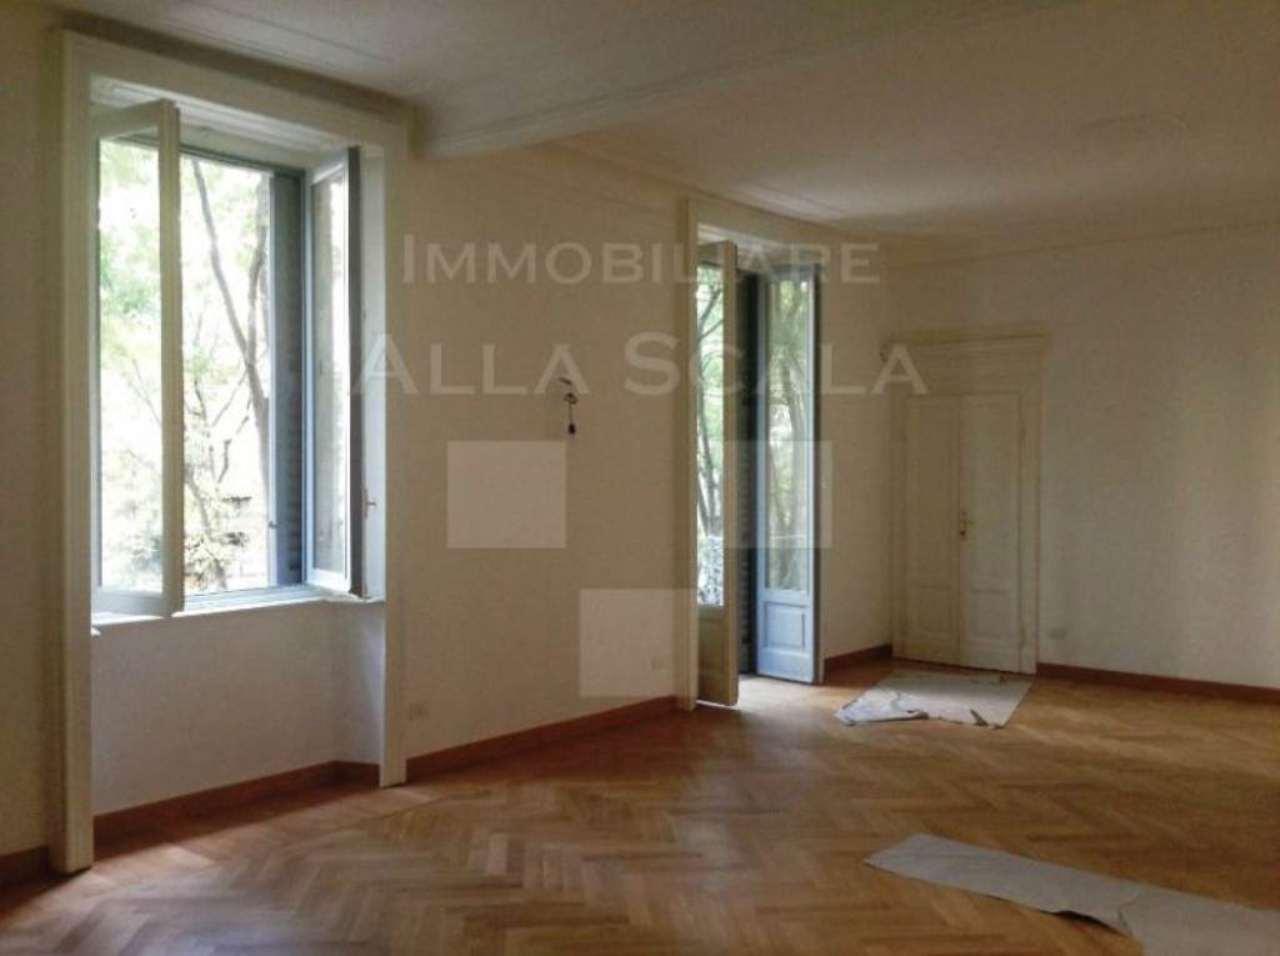 Appartamento in affitto a Milano, 4 locali, zona Zona: 1 . Centro Storico, Duomo, Brera, Cadorna, Cattolica, prezzo € 3.660 | Cambio Casa.it